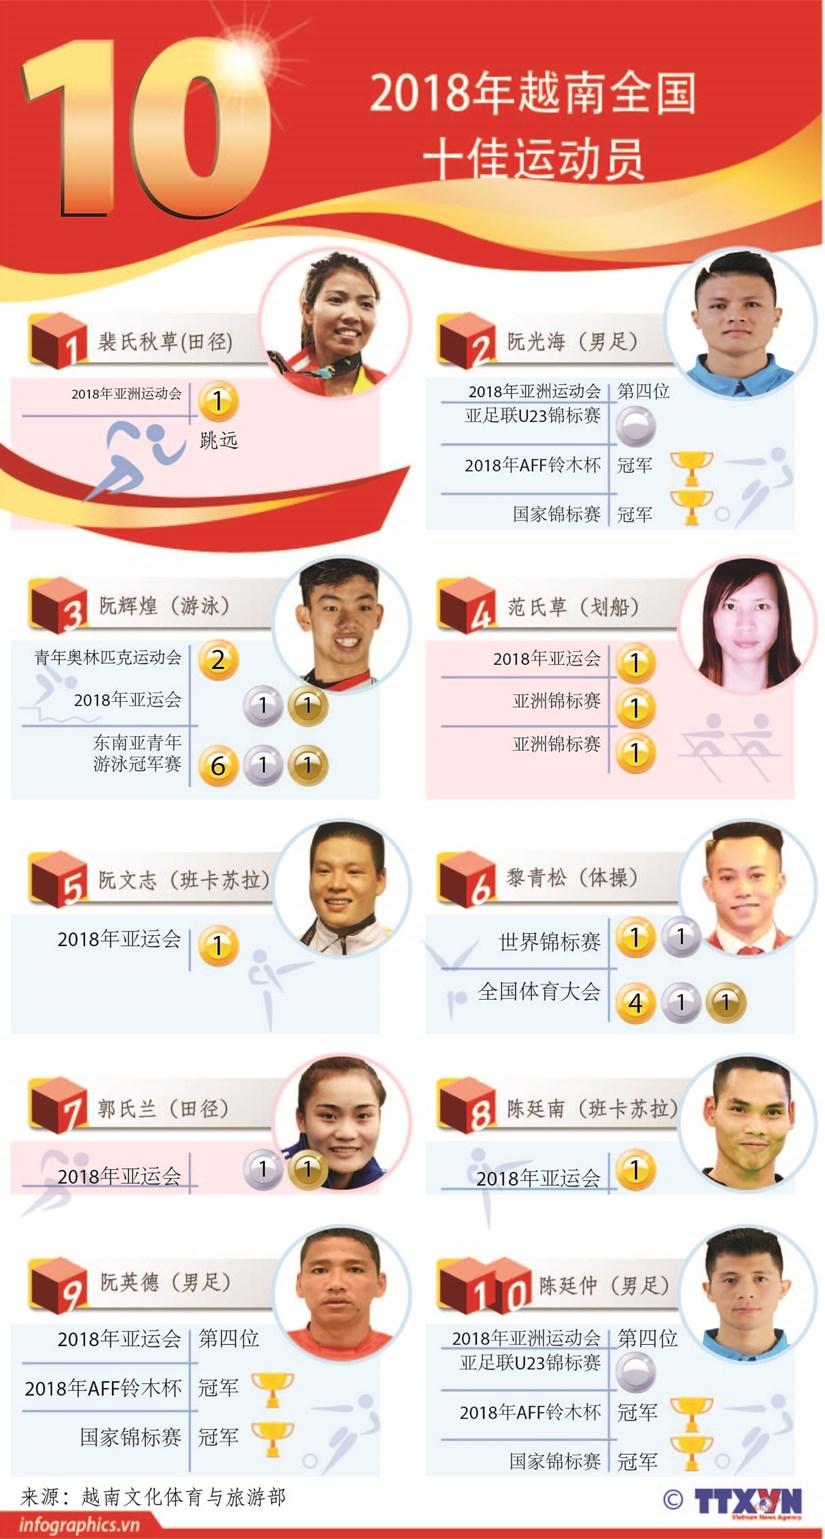 图表新闻:2018年越南全国十佳运动员 hinh anh 1